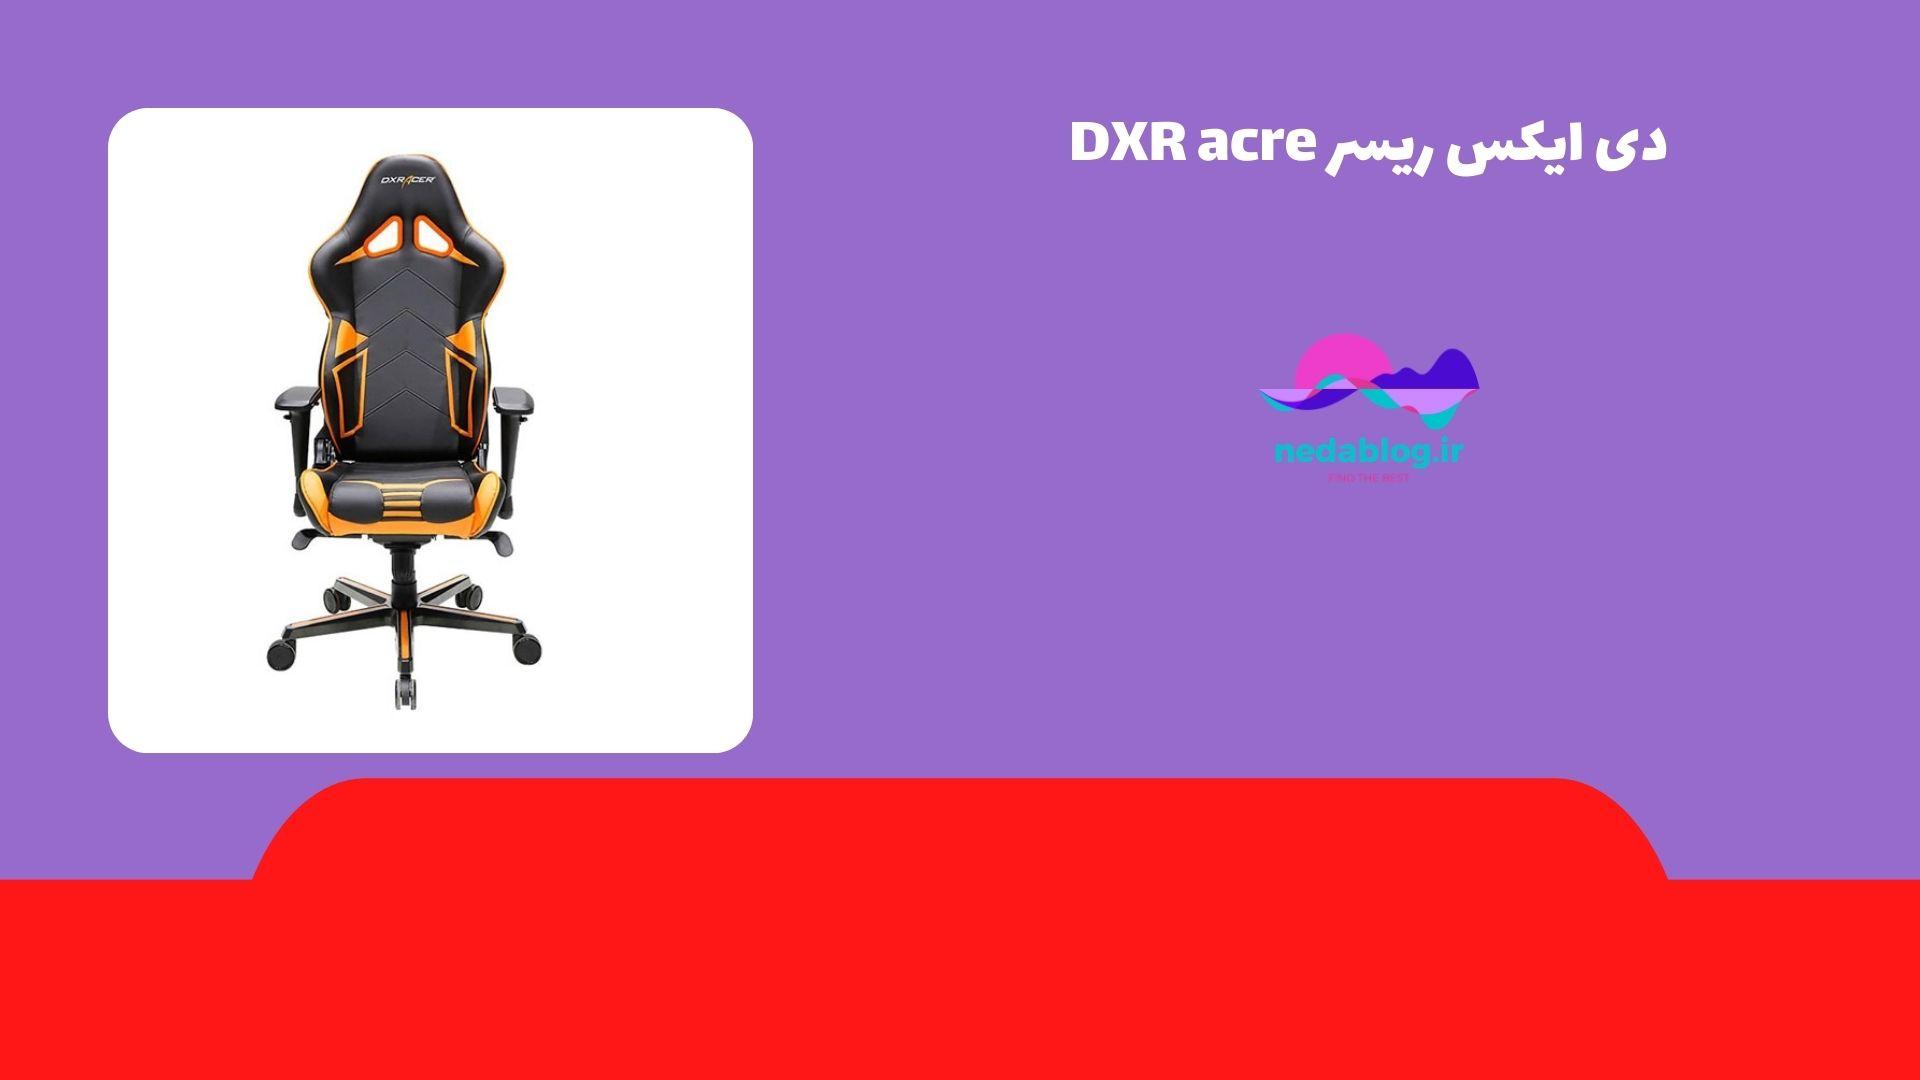 دی ایکس ریسر DXR acre